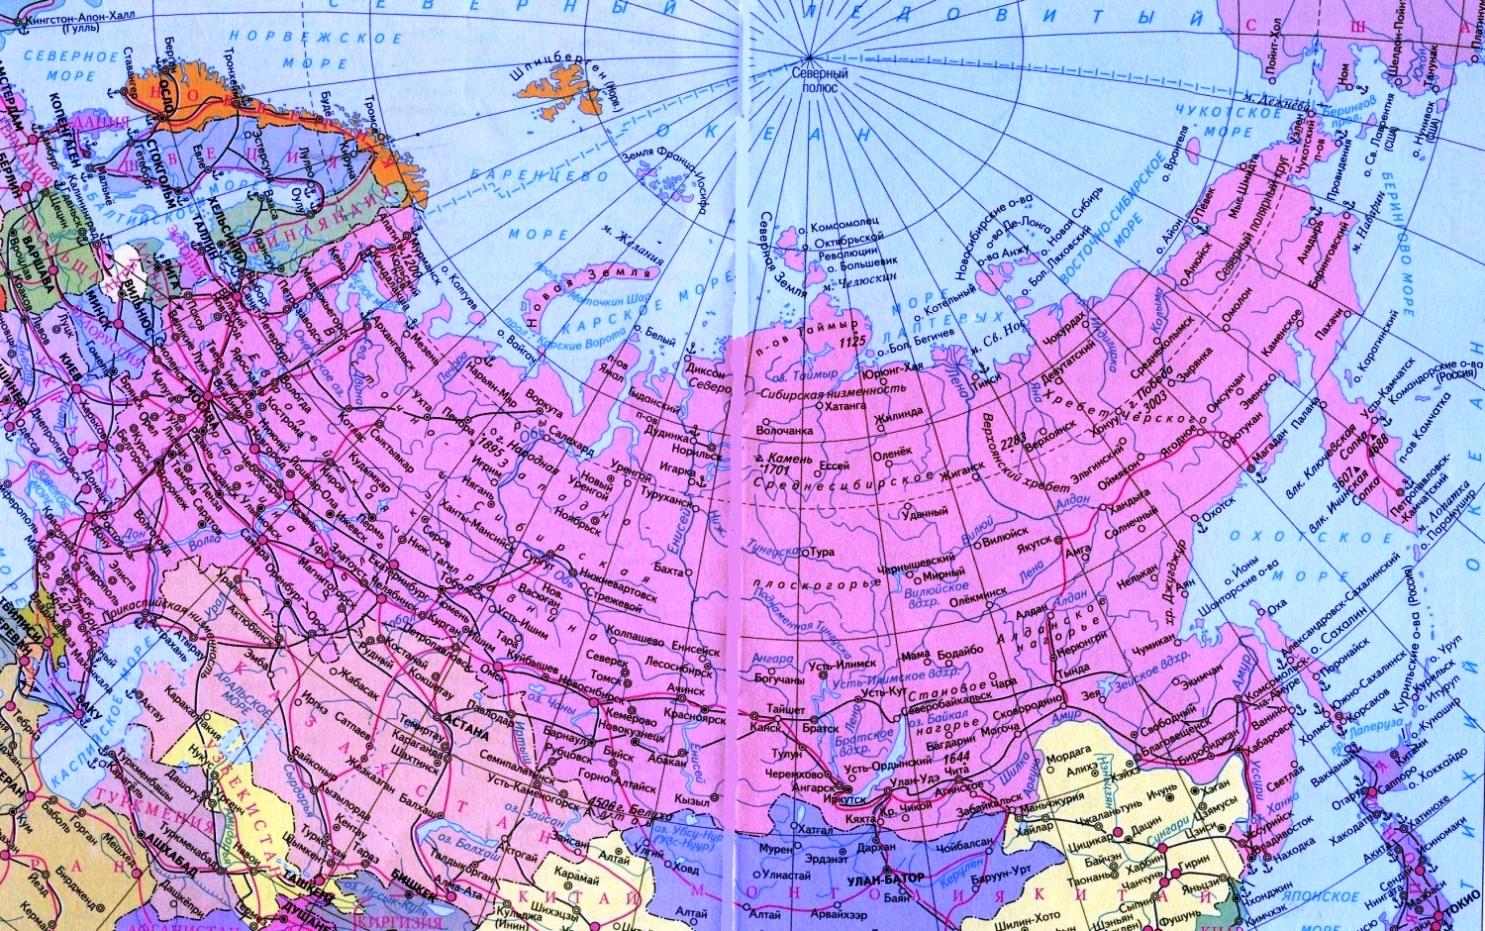 отличие крестьянского карта автомобильных дорог мира времени суток